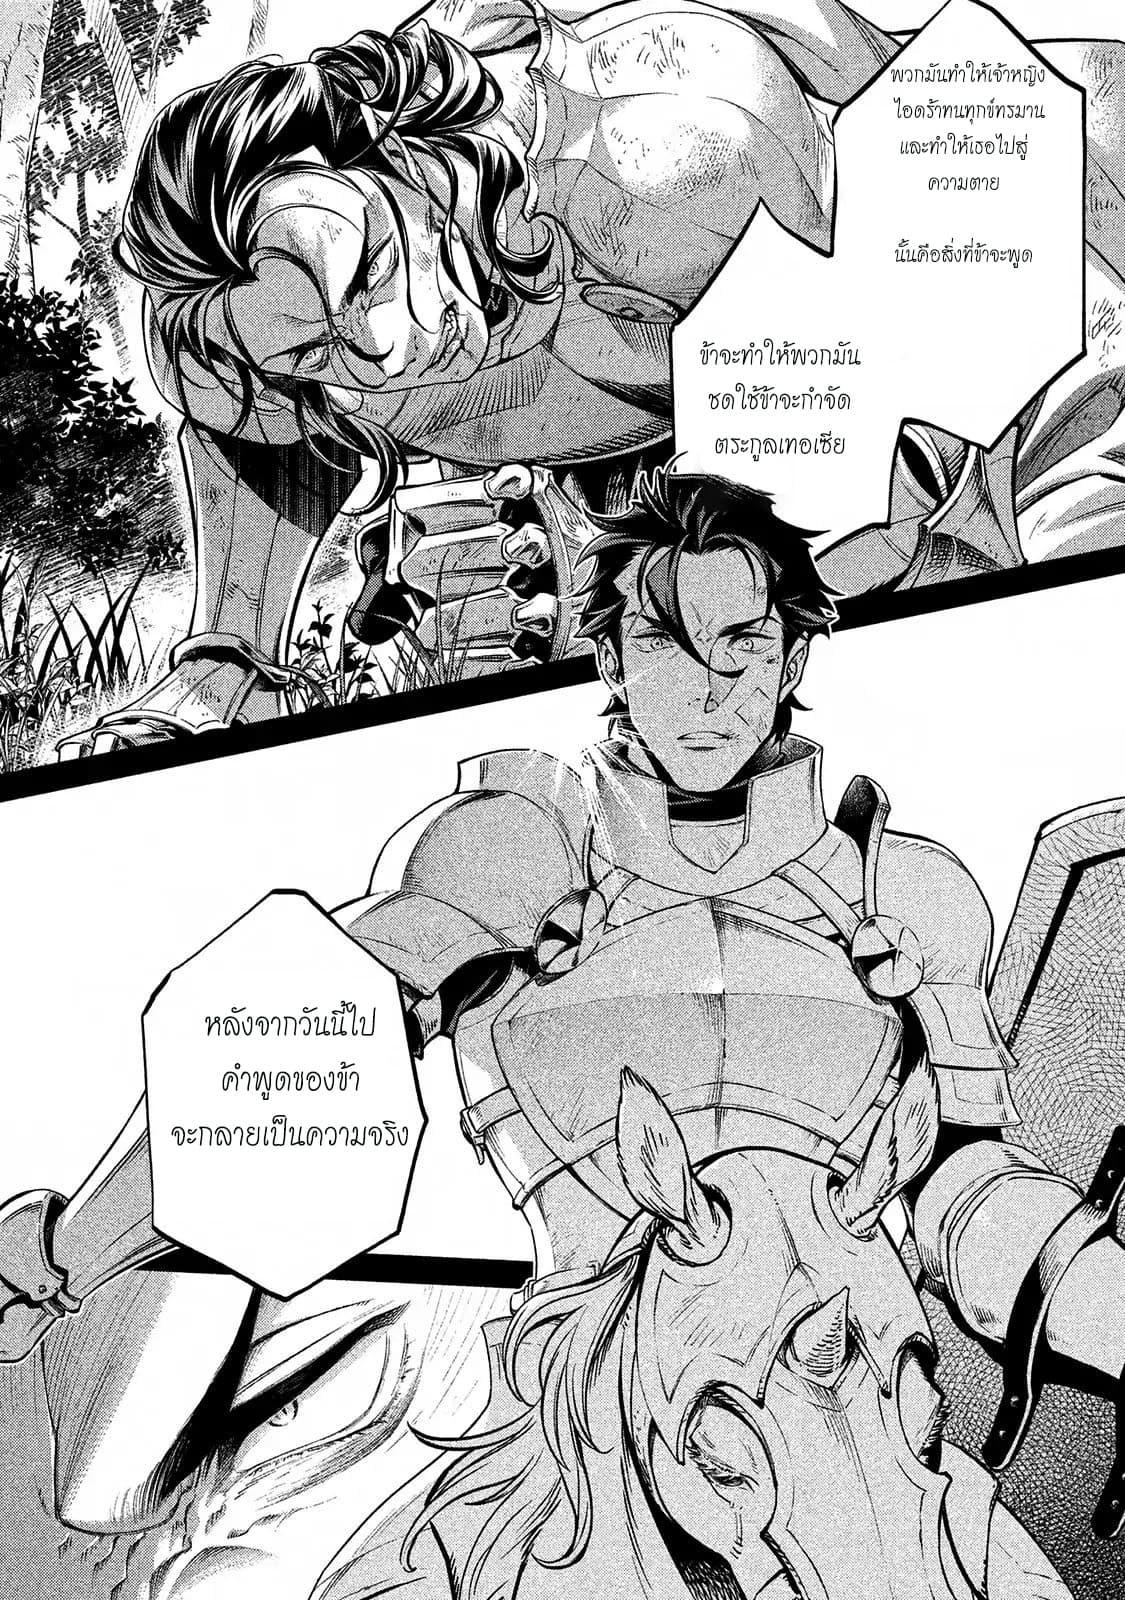 อ่านการ์ตูน Henkyou no Roukishi - Bard Loen ตอนที่ 12 หน้าที่ 30